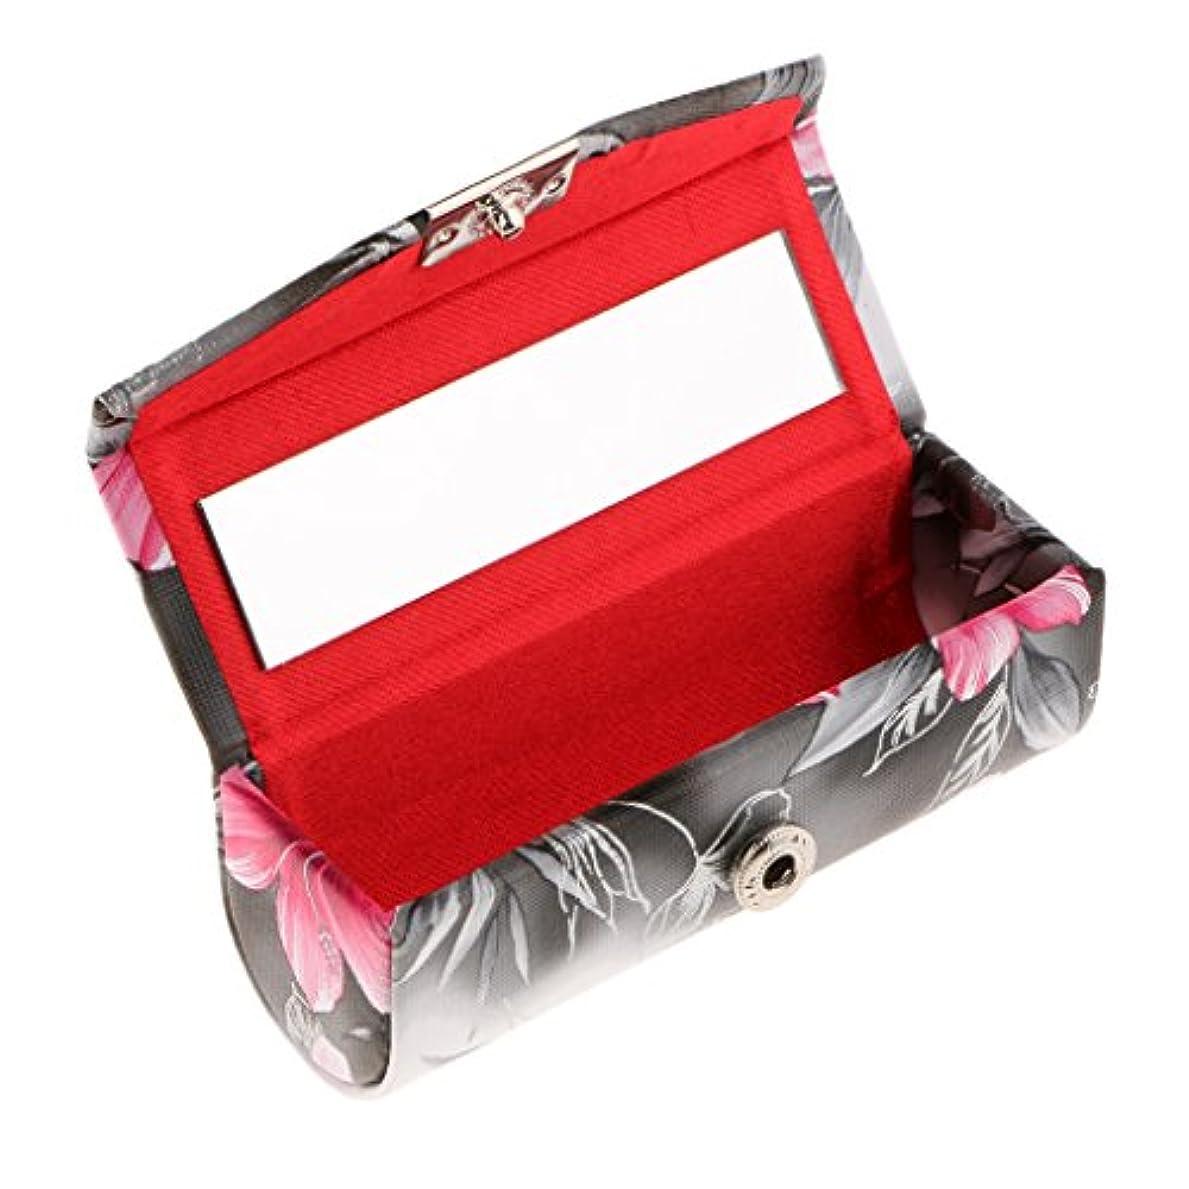 自由ストライド義務づける口紅ケース 化粧ポーチ ミラー付き リップスティックホルダー レトロ プレゼント 全3色 - ブラック